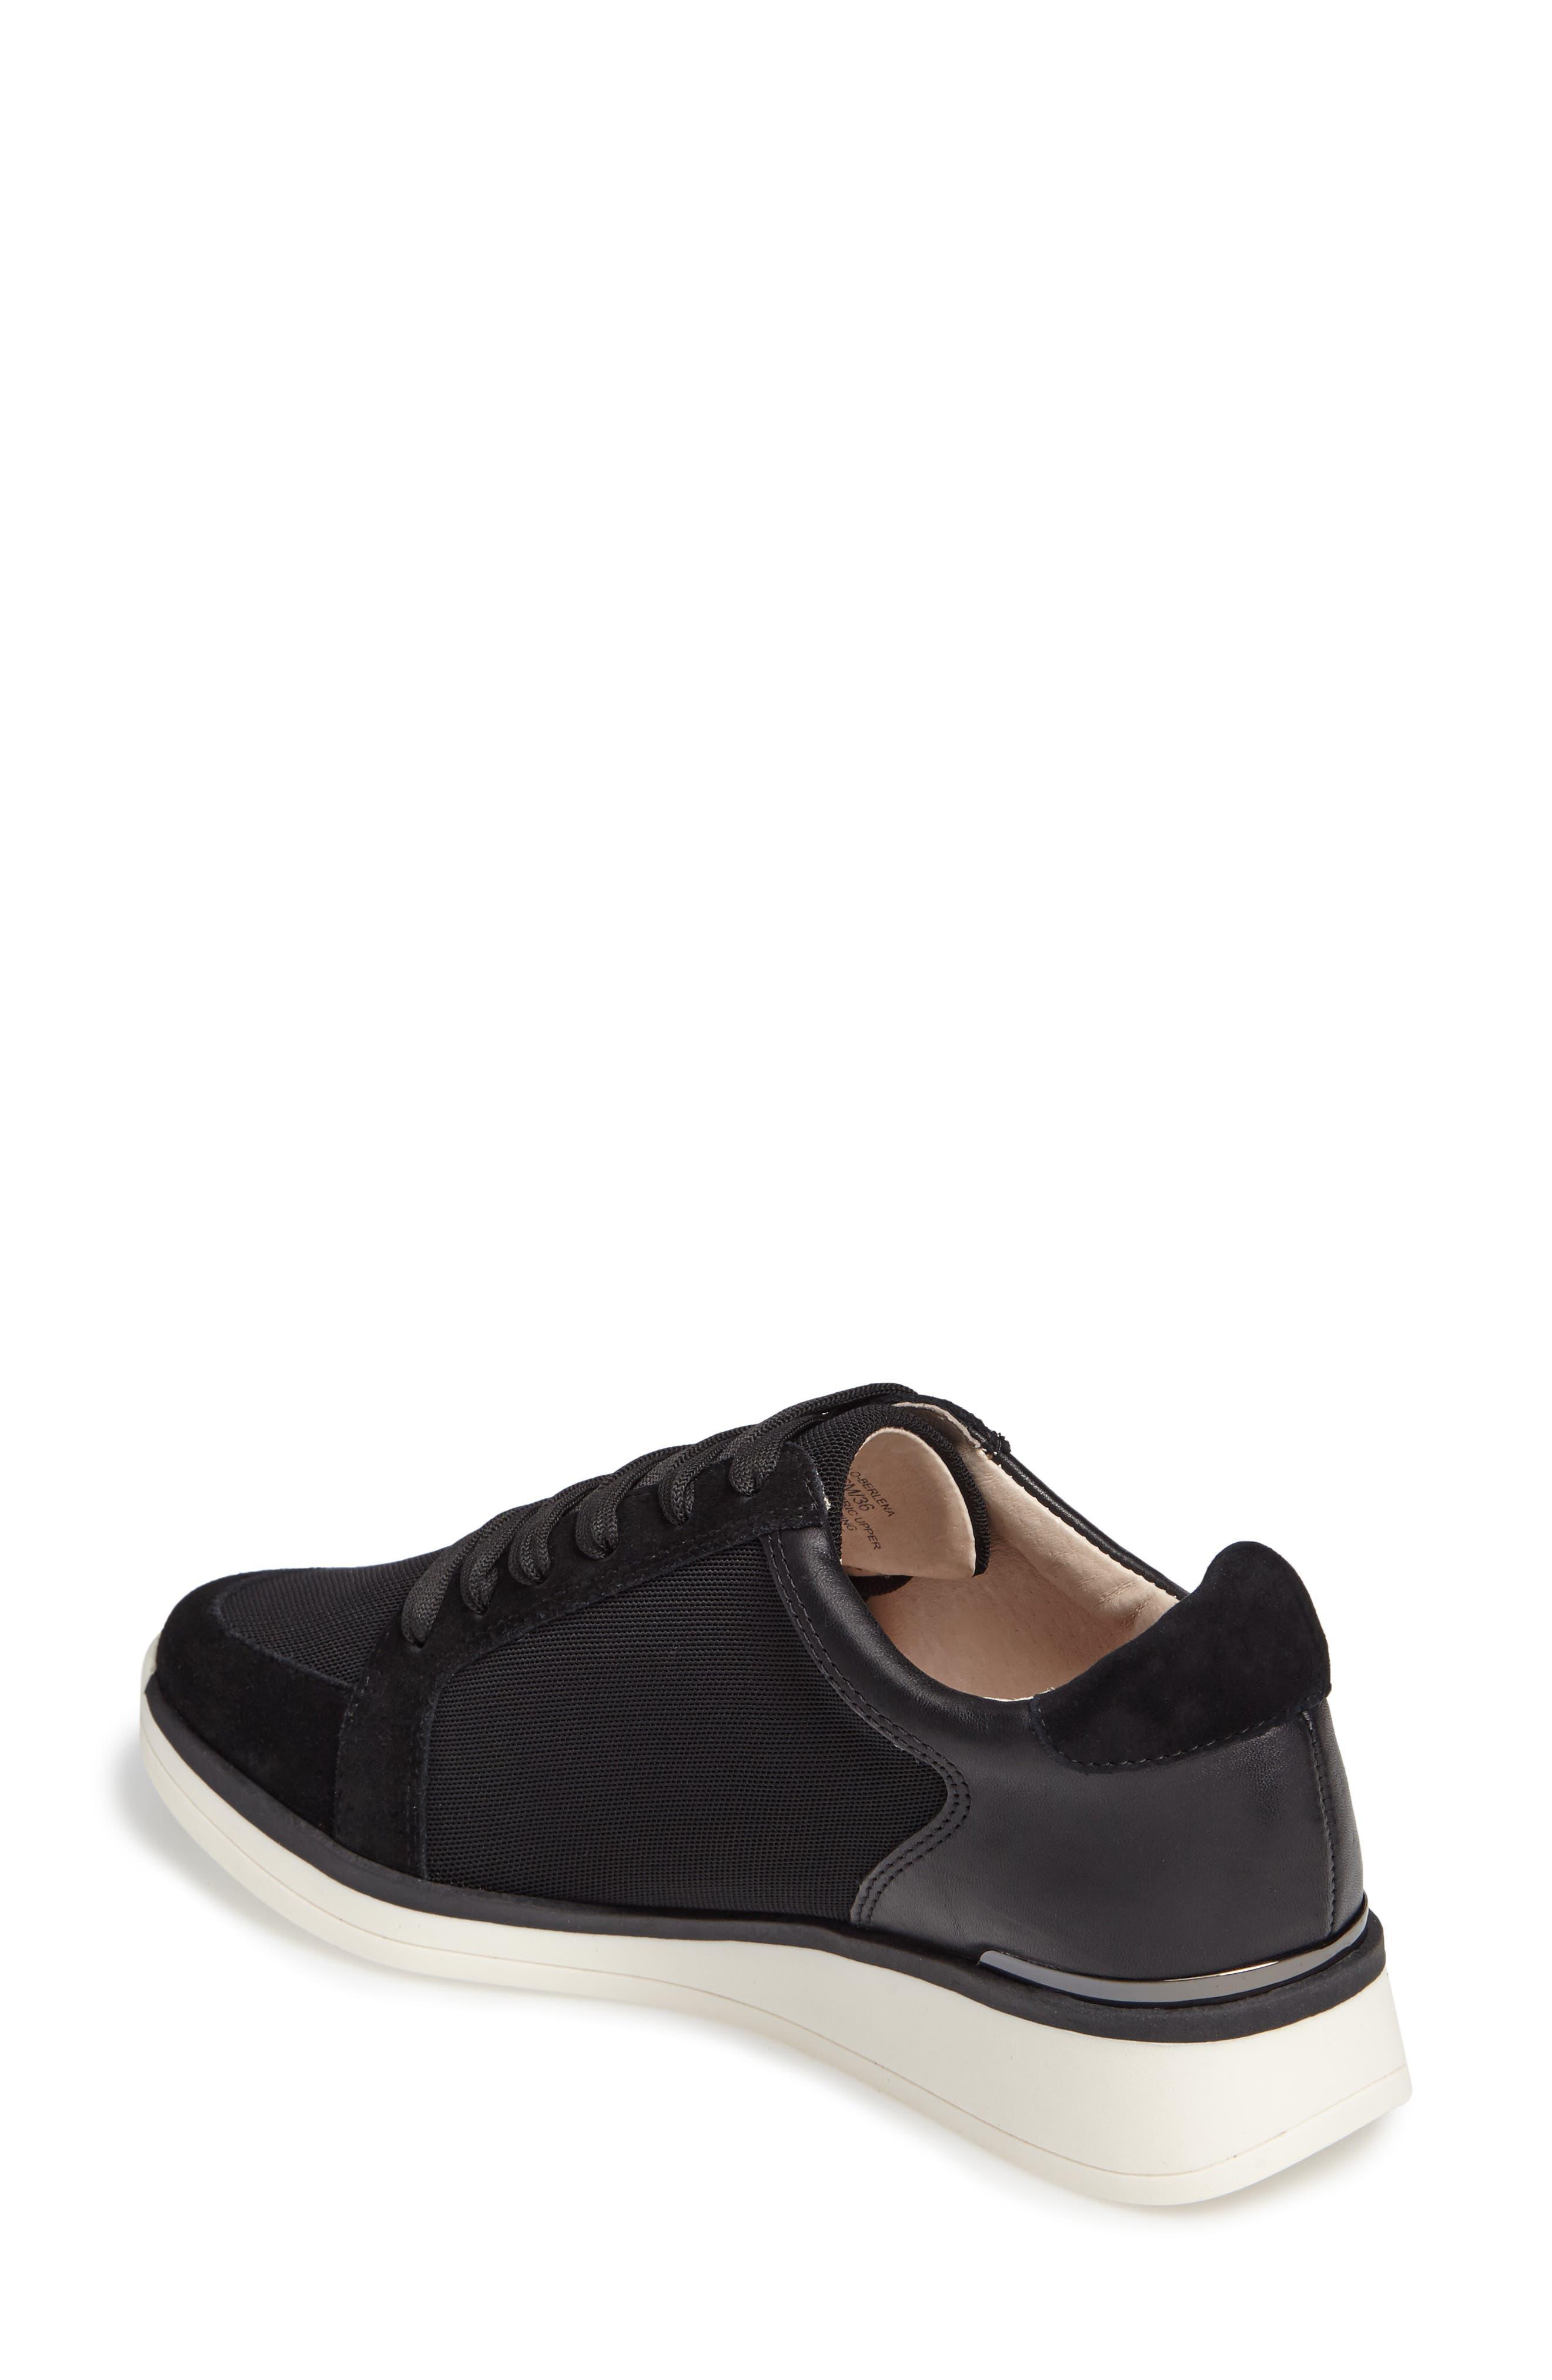 Alternate Image 2  - Louise et Cie Berlena Sneaker (Women)